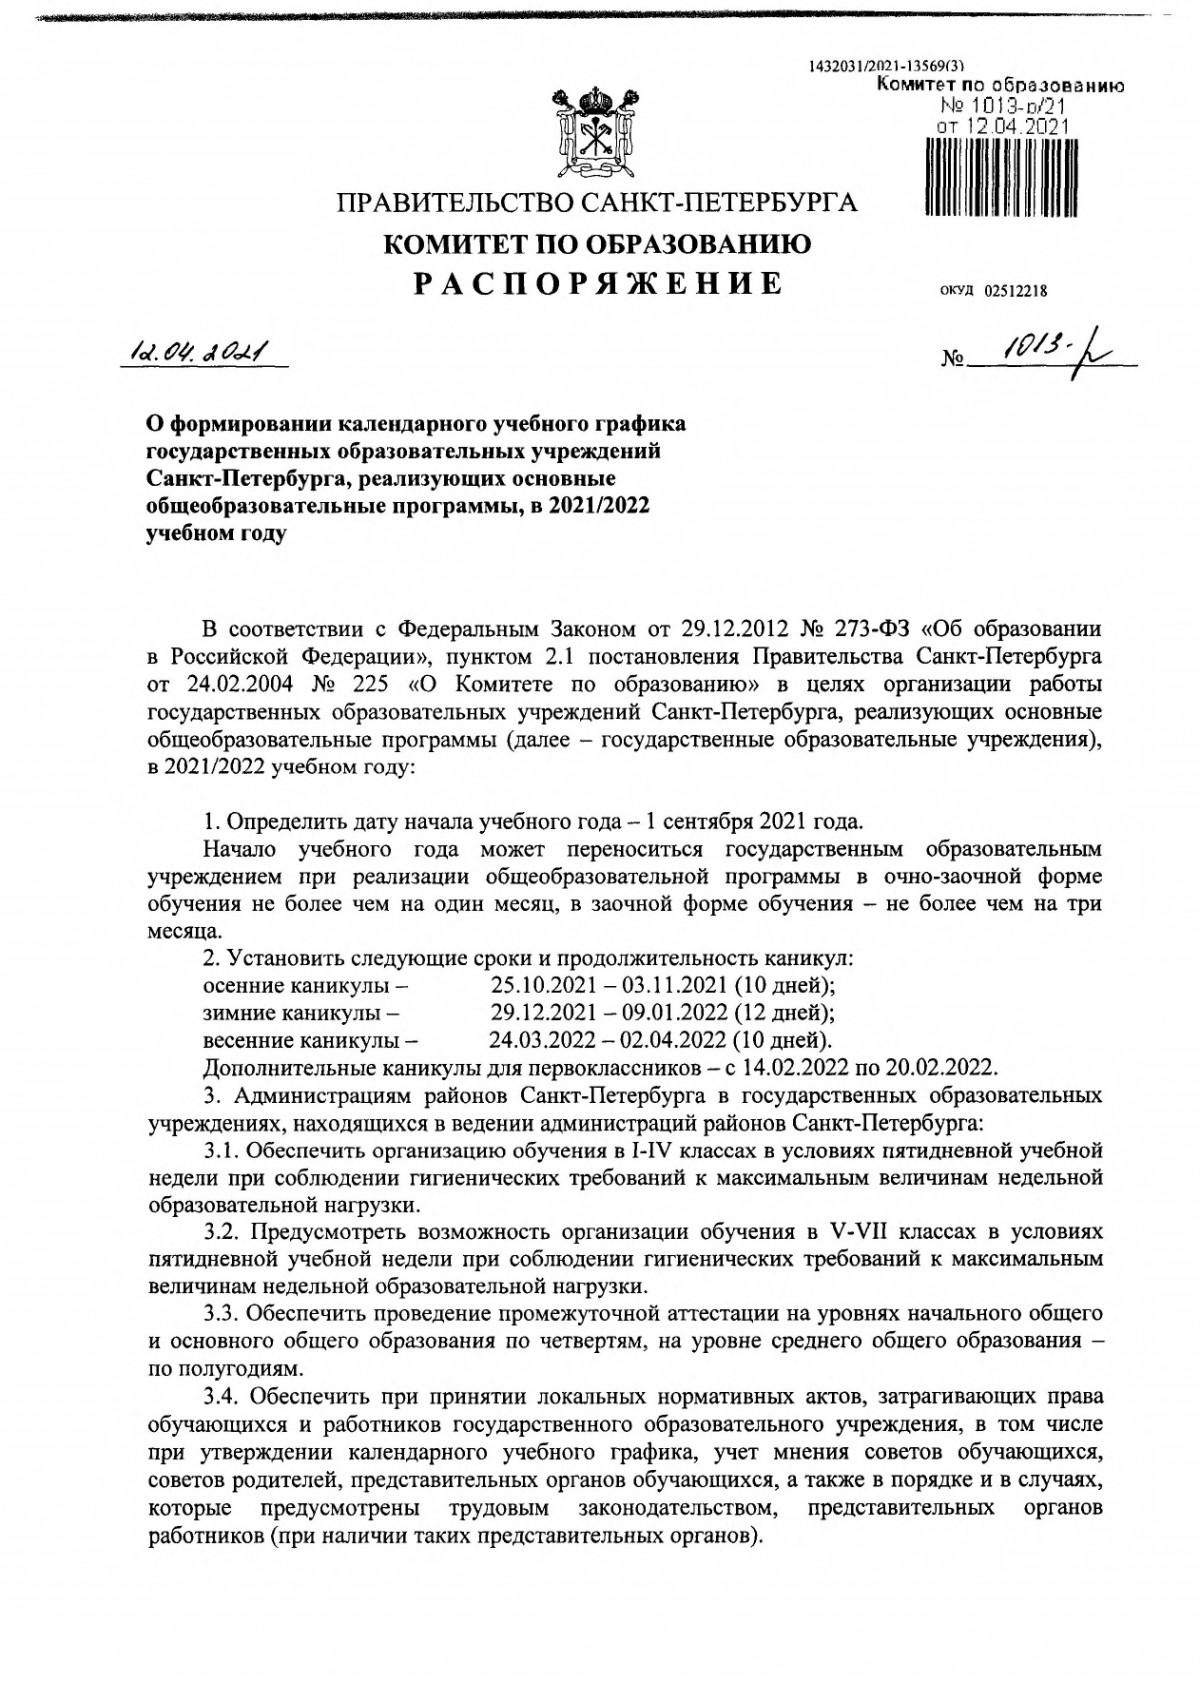 График каникул в 2021/2022 учебном году в Петербурге